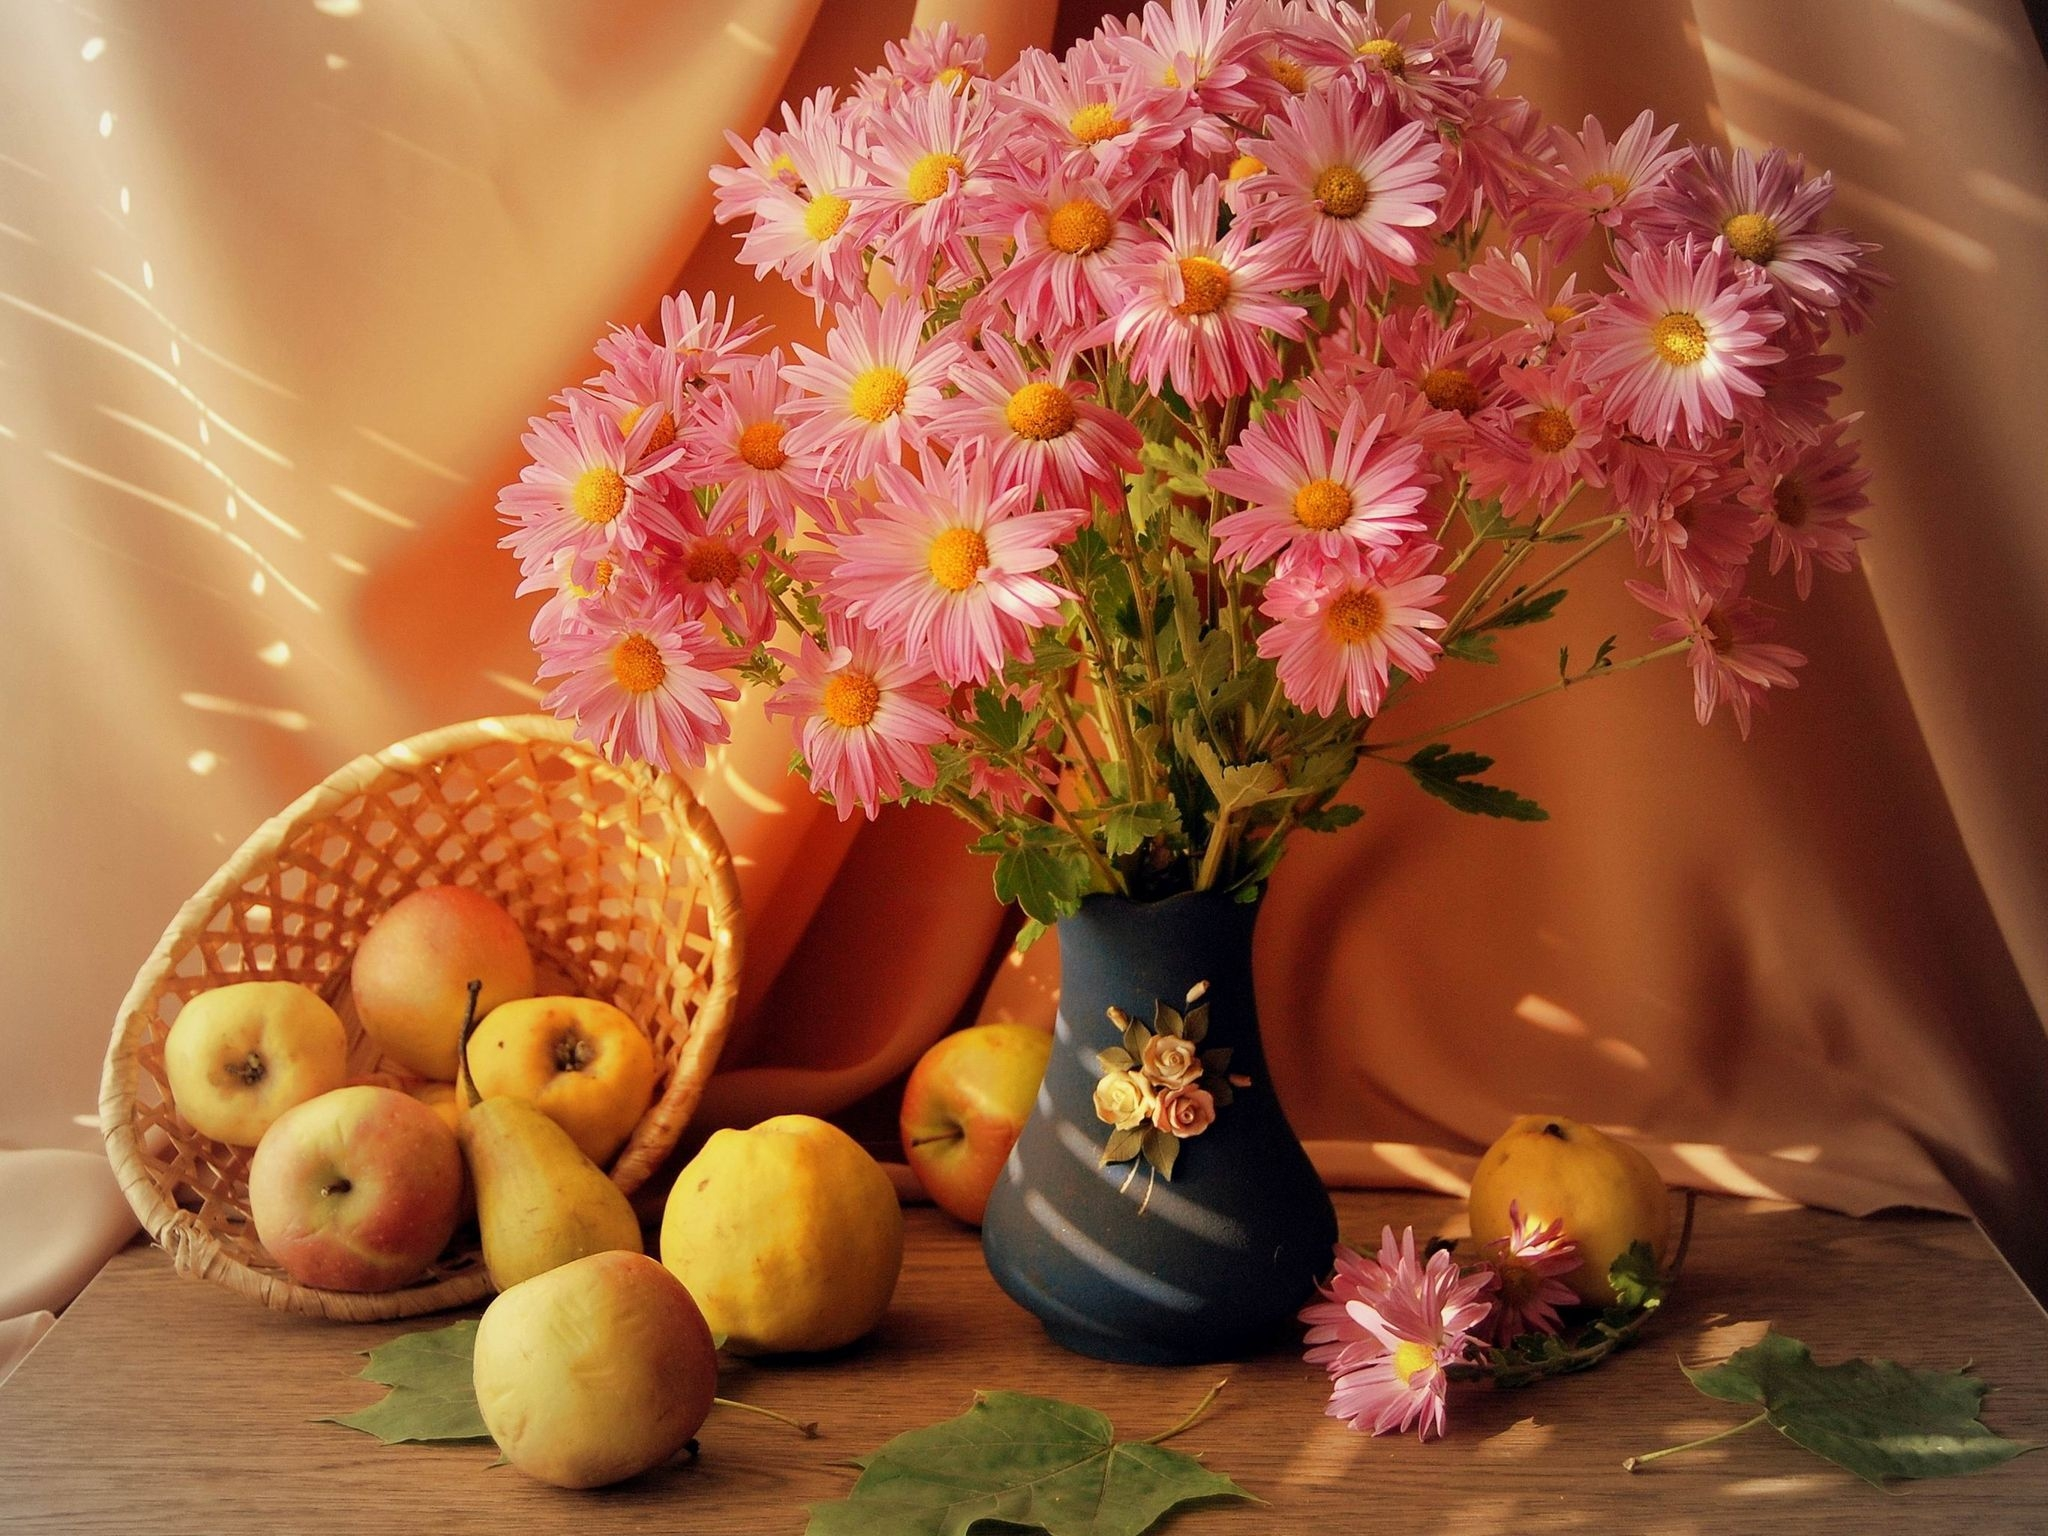 99167 скачать обои Фрукты, Цветы, Натюрморт, Стол, Ваза, Корзинка - заставки и картинки бесплатно